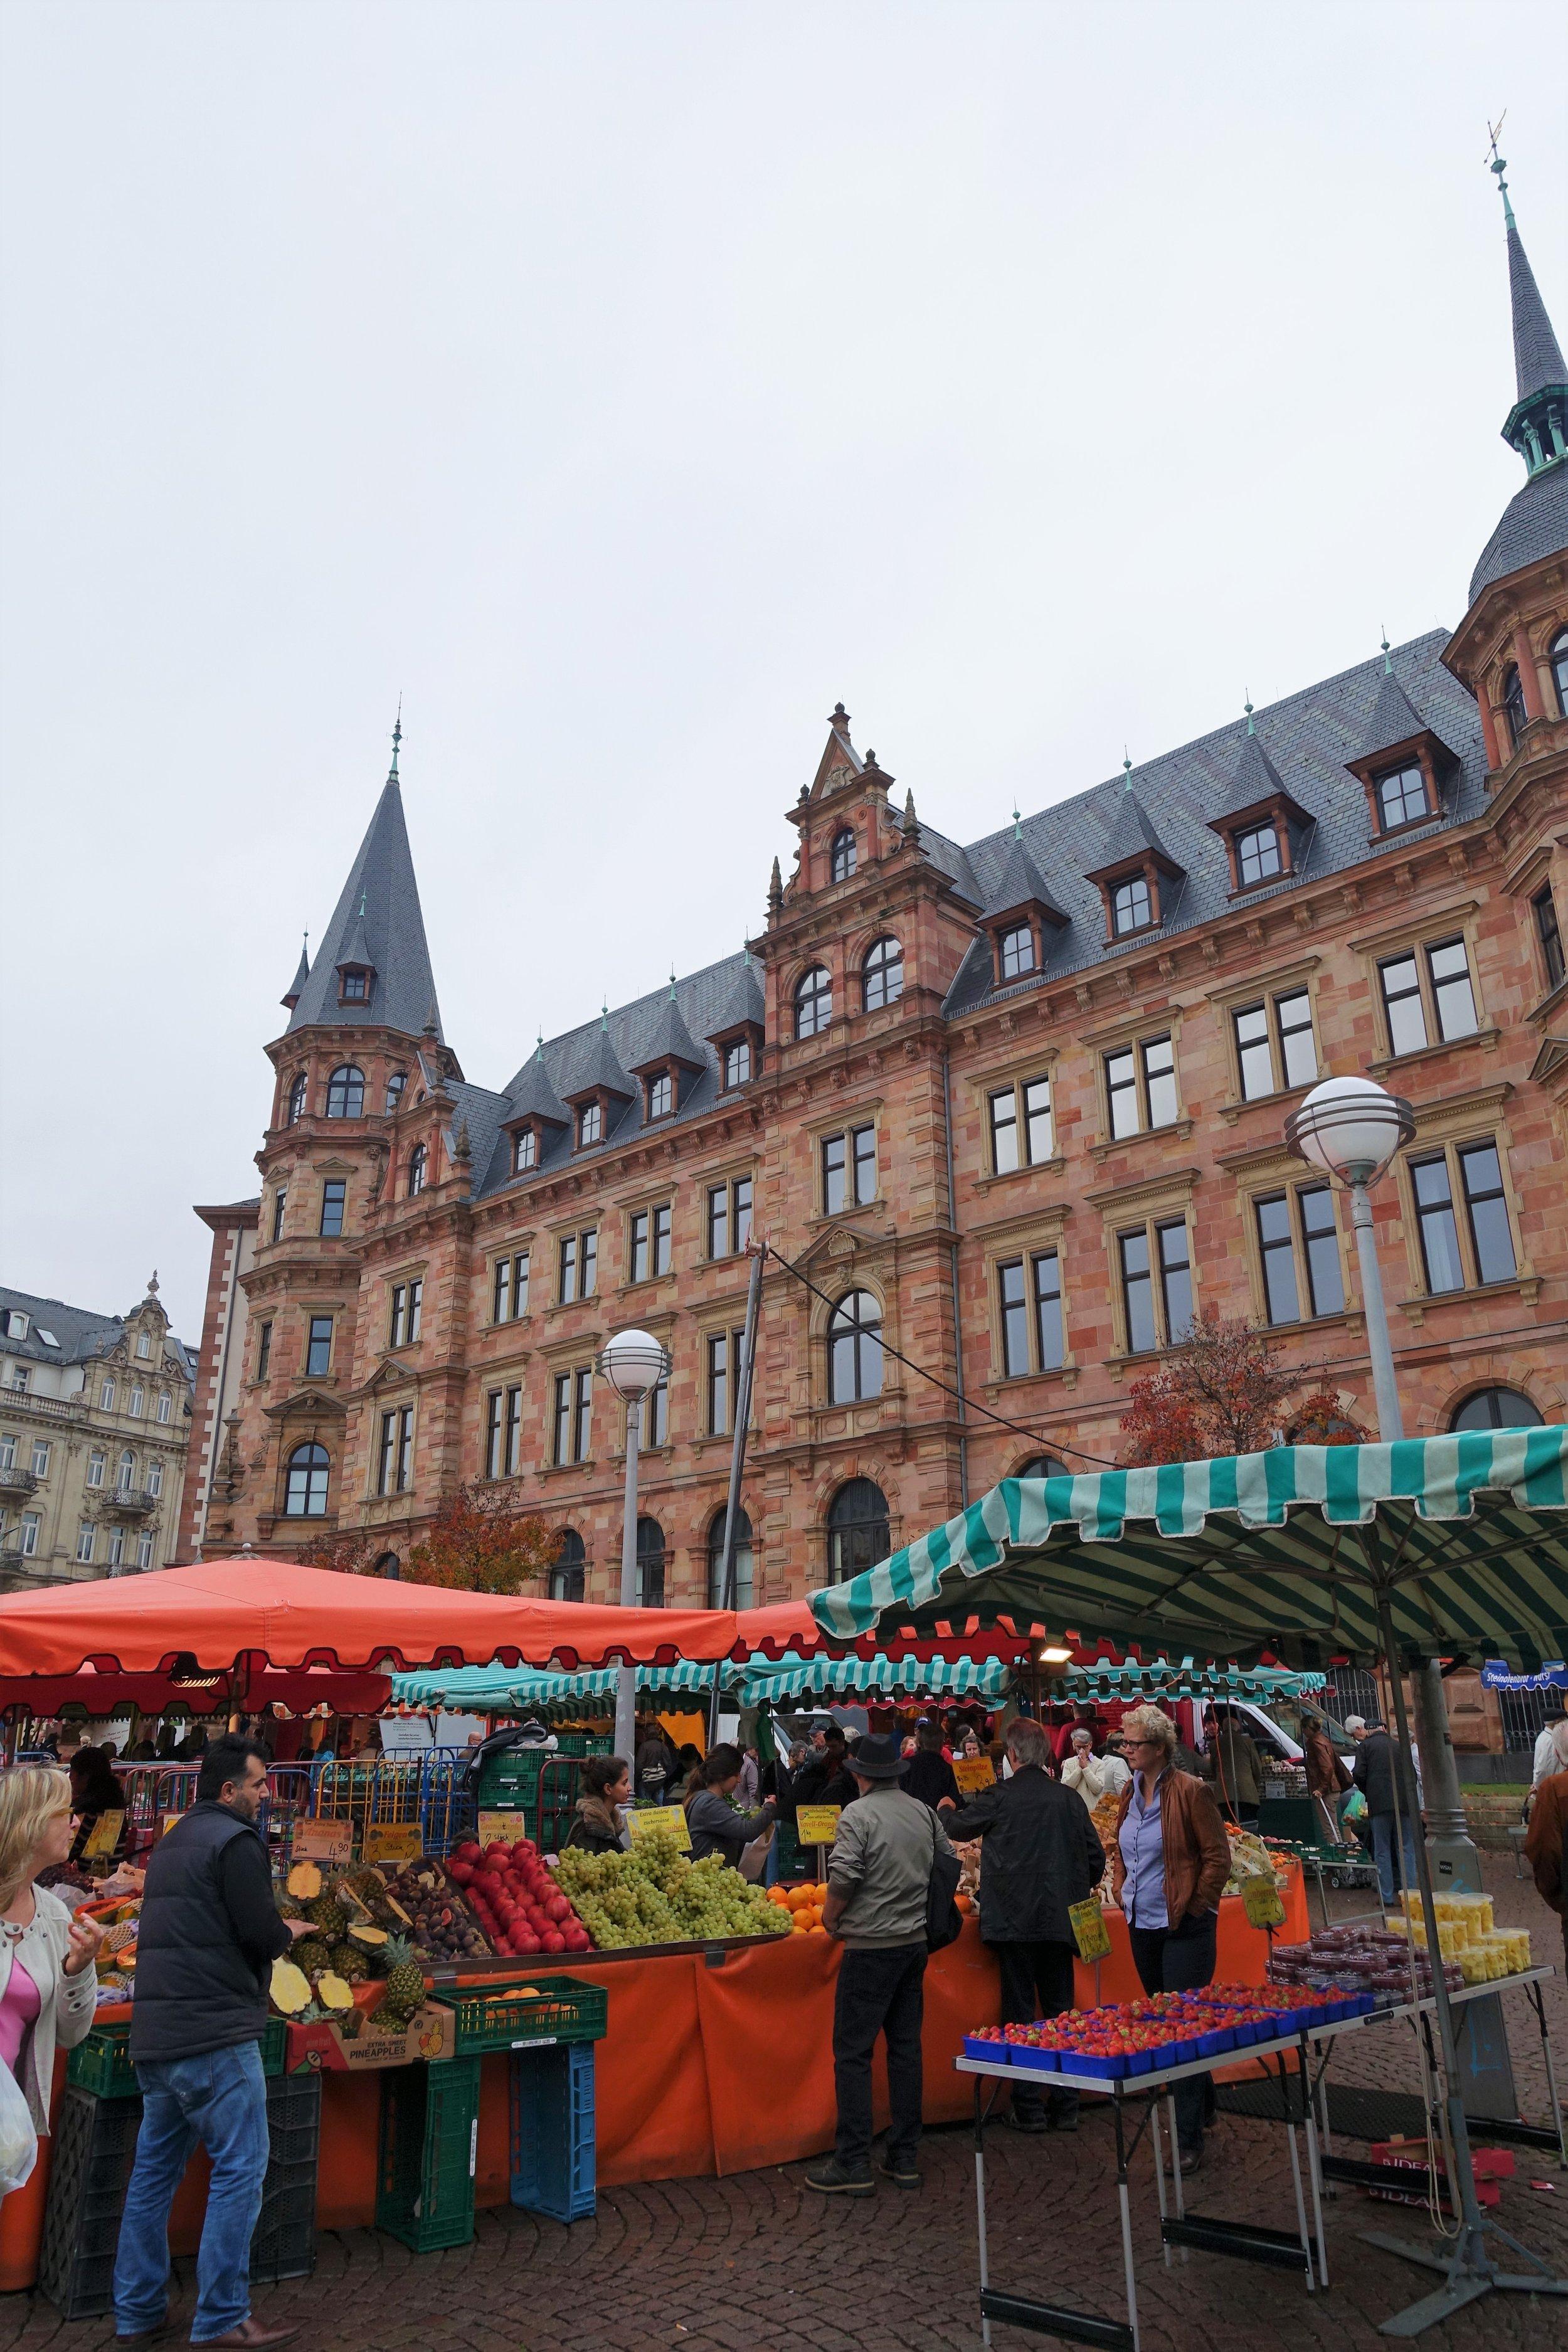 Farmer's Market- Wiesbaden